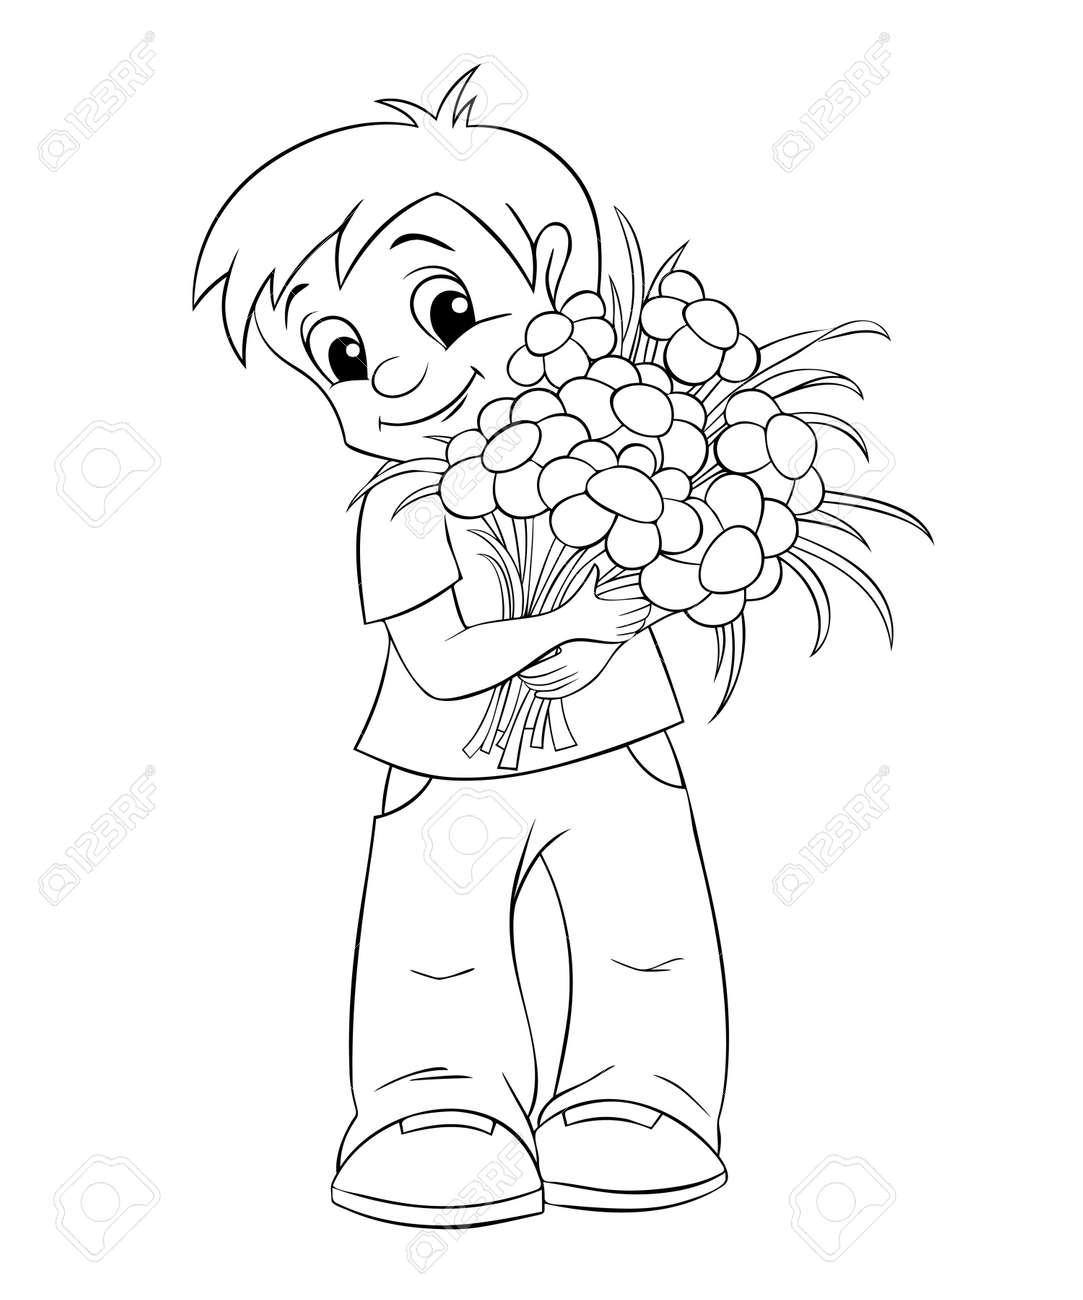 花束とかわいい男の子塗り絵の黒と白のイラストのイラスト素材ベクタ